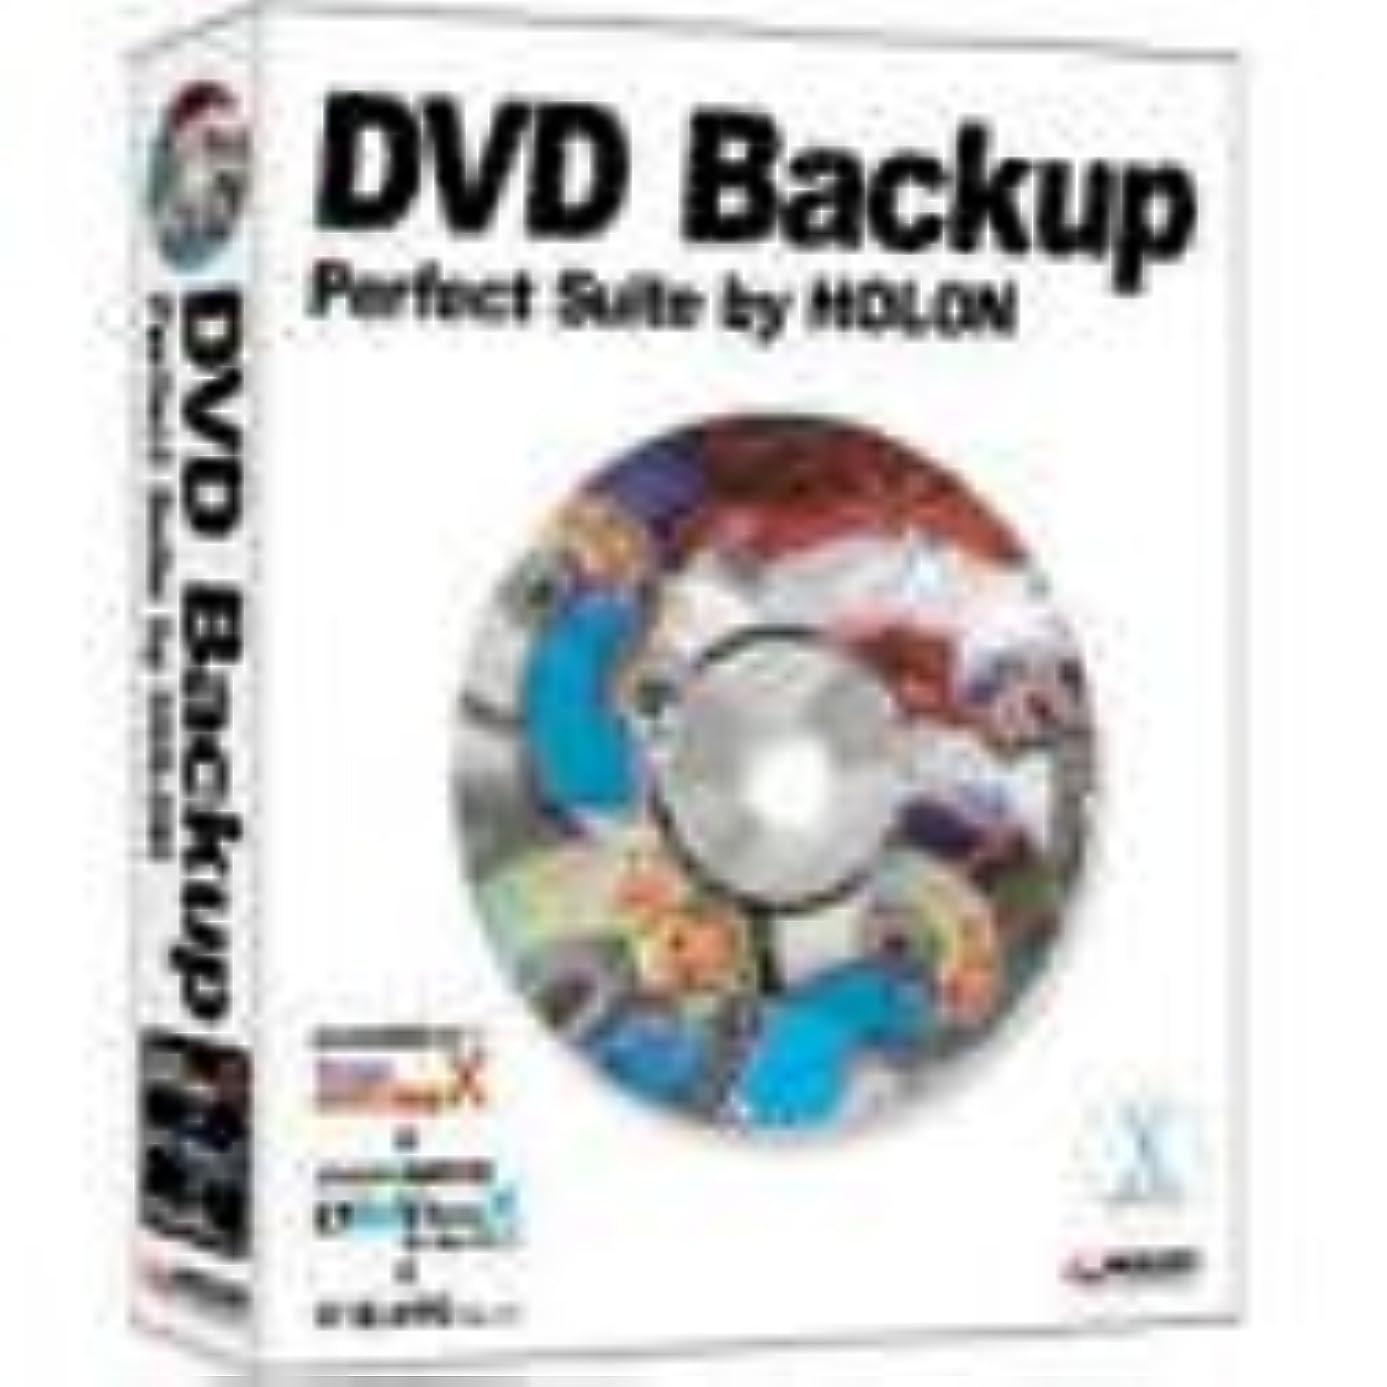 該当する小間入札DVD Backup Perfect Suite by HOLON